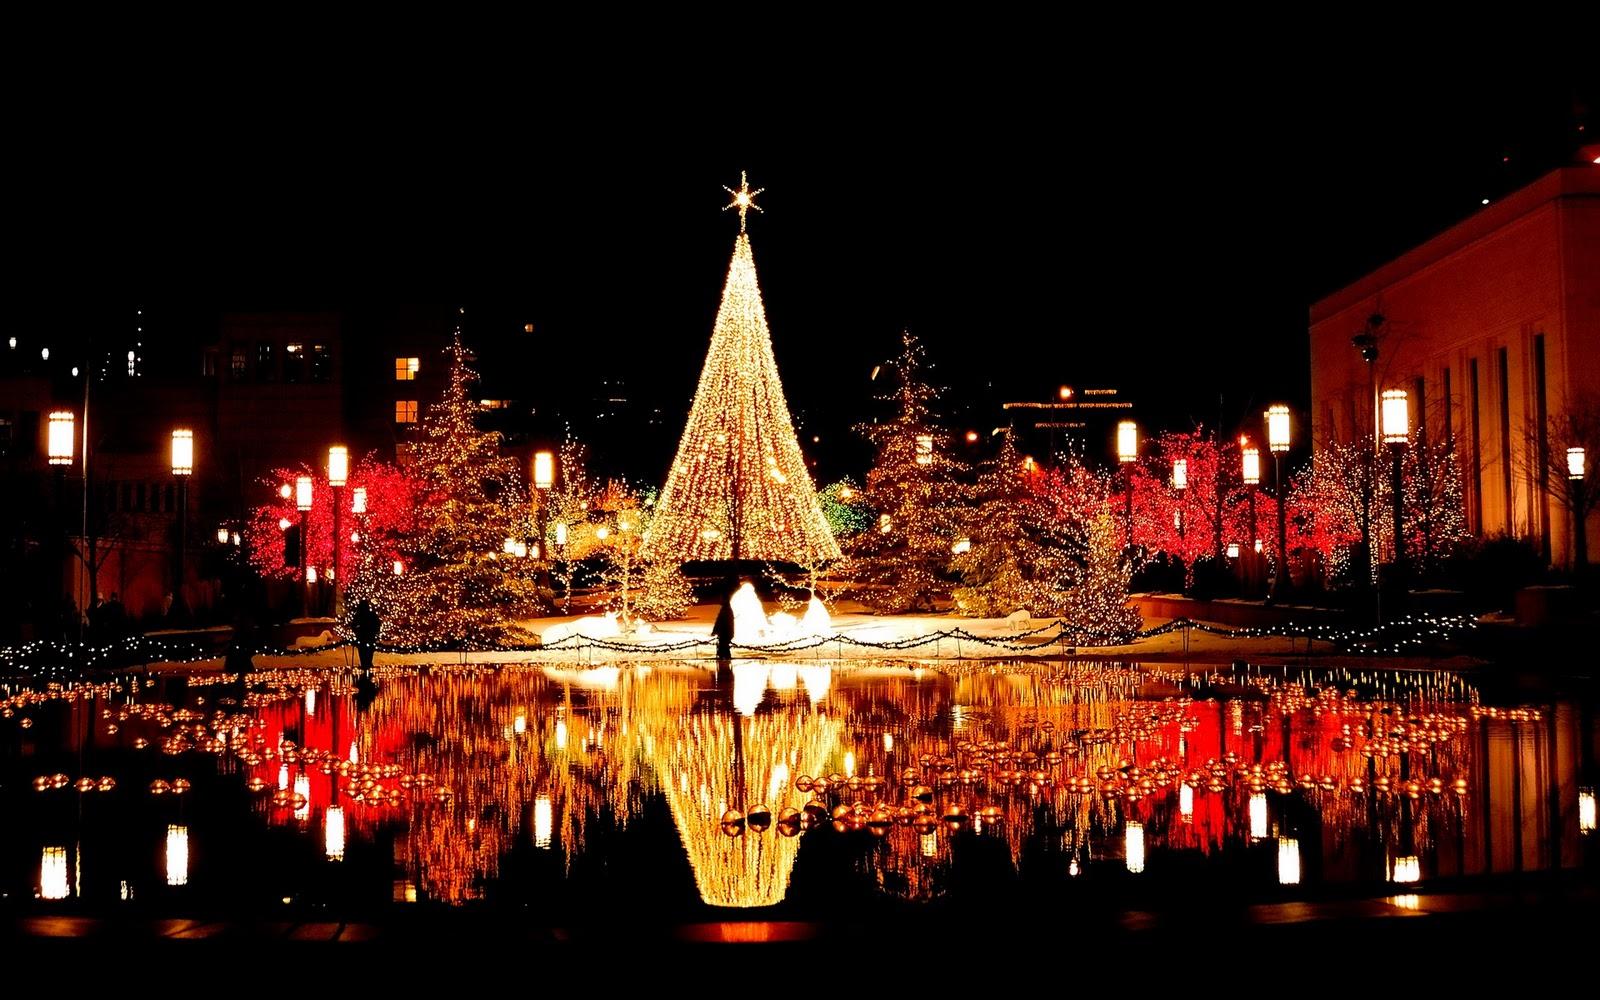 http://4.bp.blogspot.com/-Iv3pt3P5toI/TpVX2Tv1U9I/AAAAAAAAEGQ/assWeBOzWFA/s1600/christmas_eve_wallpapers.jpg